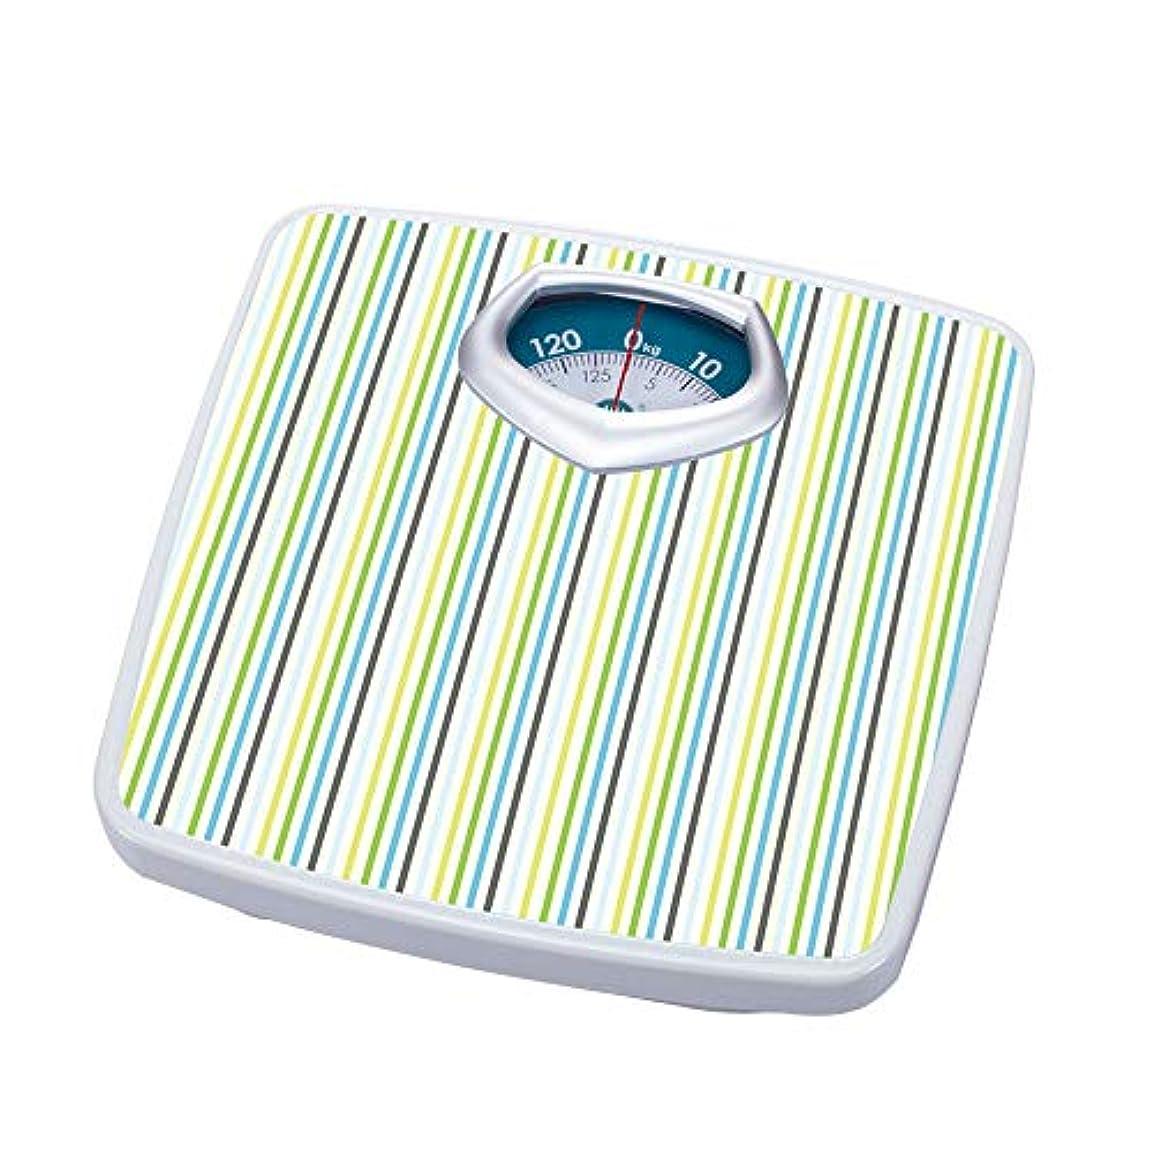 別に勇気のある池287ポンド(130キロ)、機械式バスルームスケール、高精度健康体重減少スケール、読みやすいアナログスケール